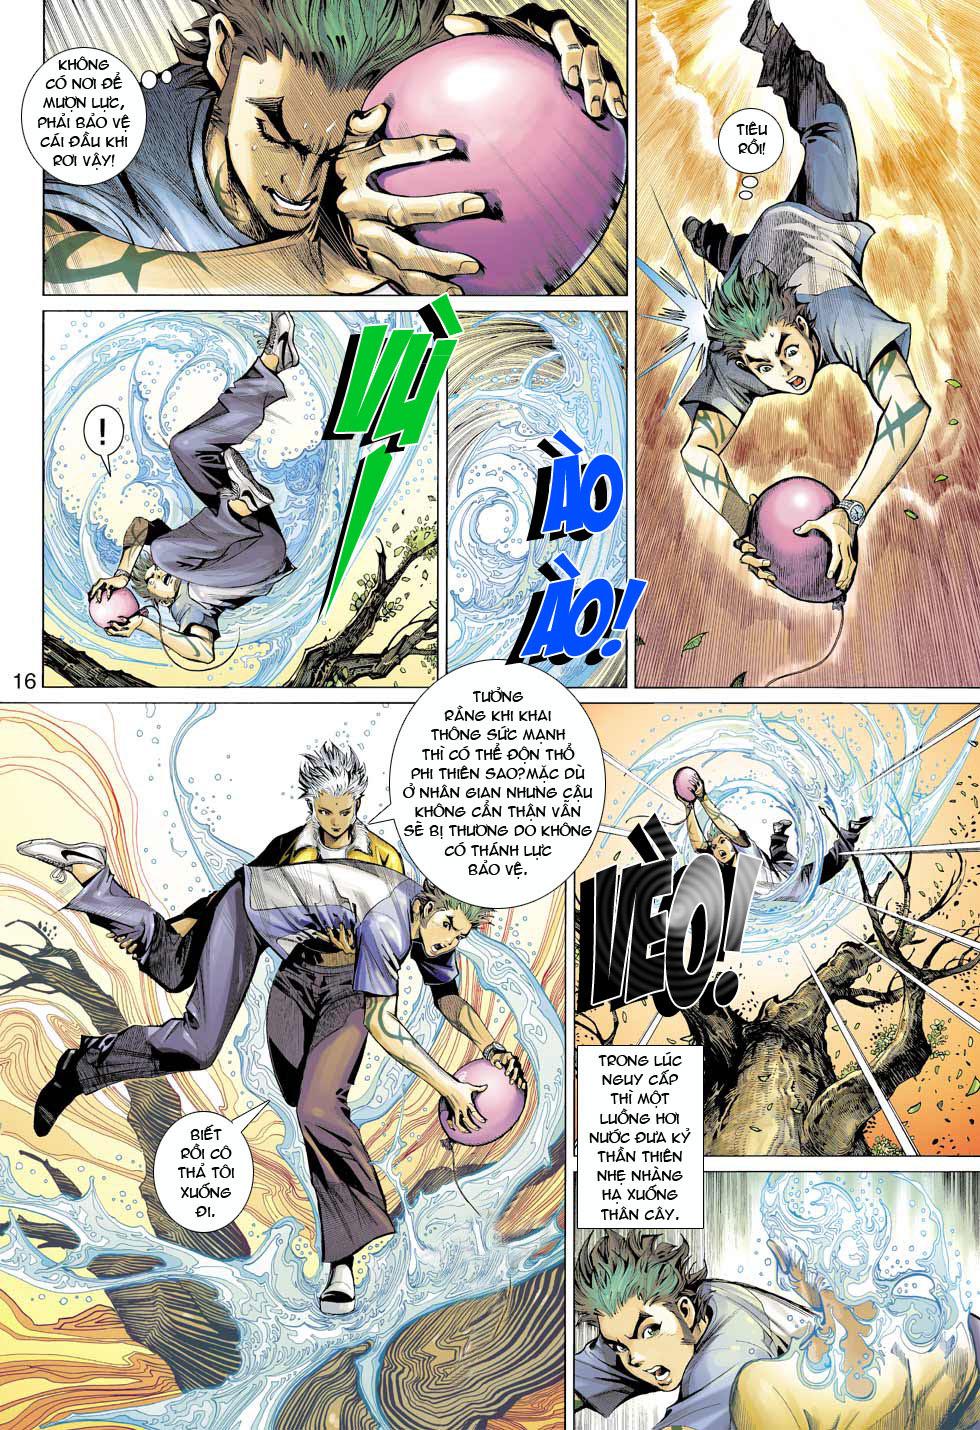 Thần Binh 4 chap 12 - Trang 17